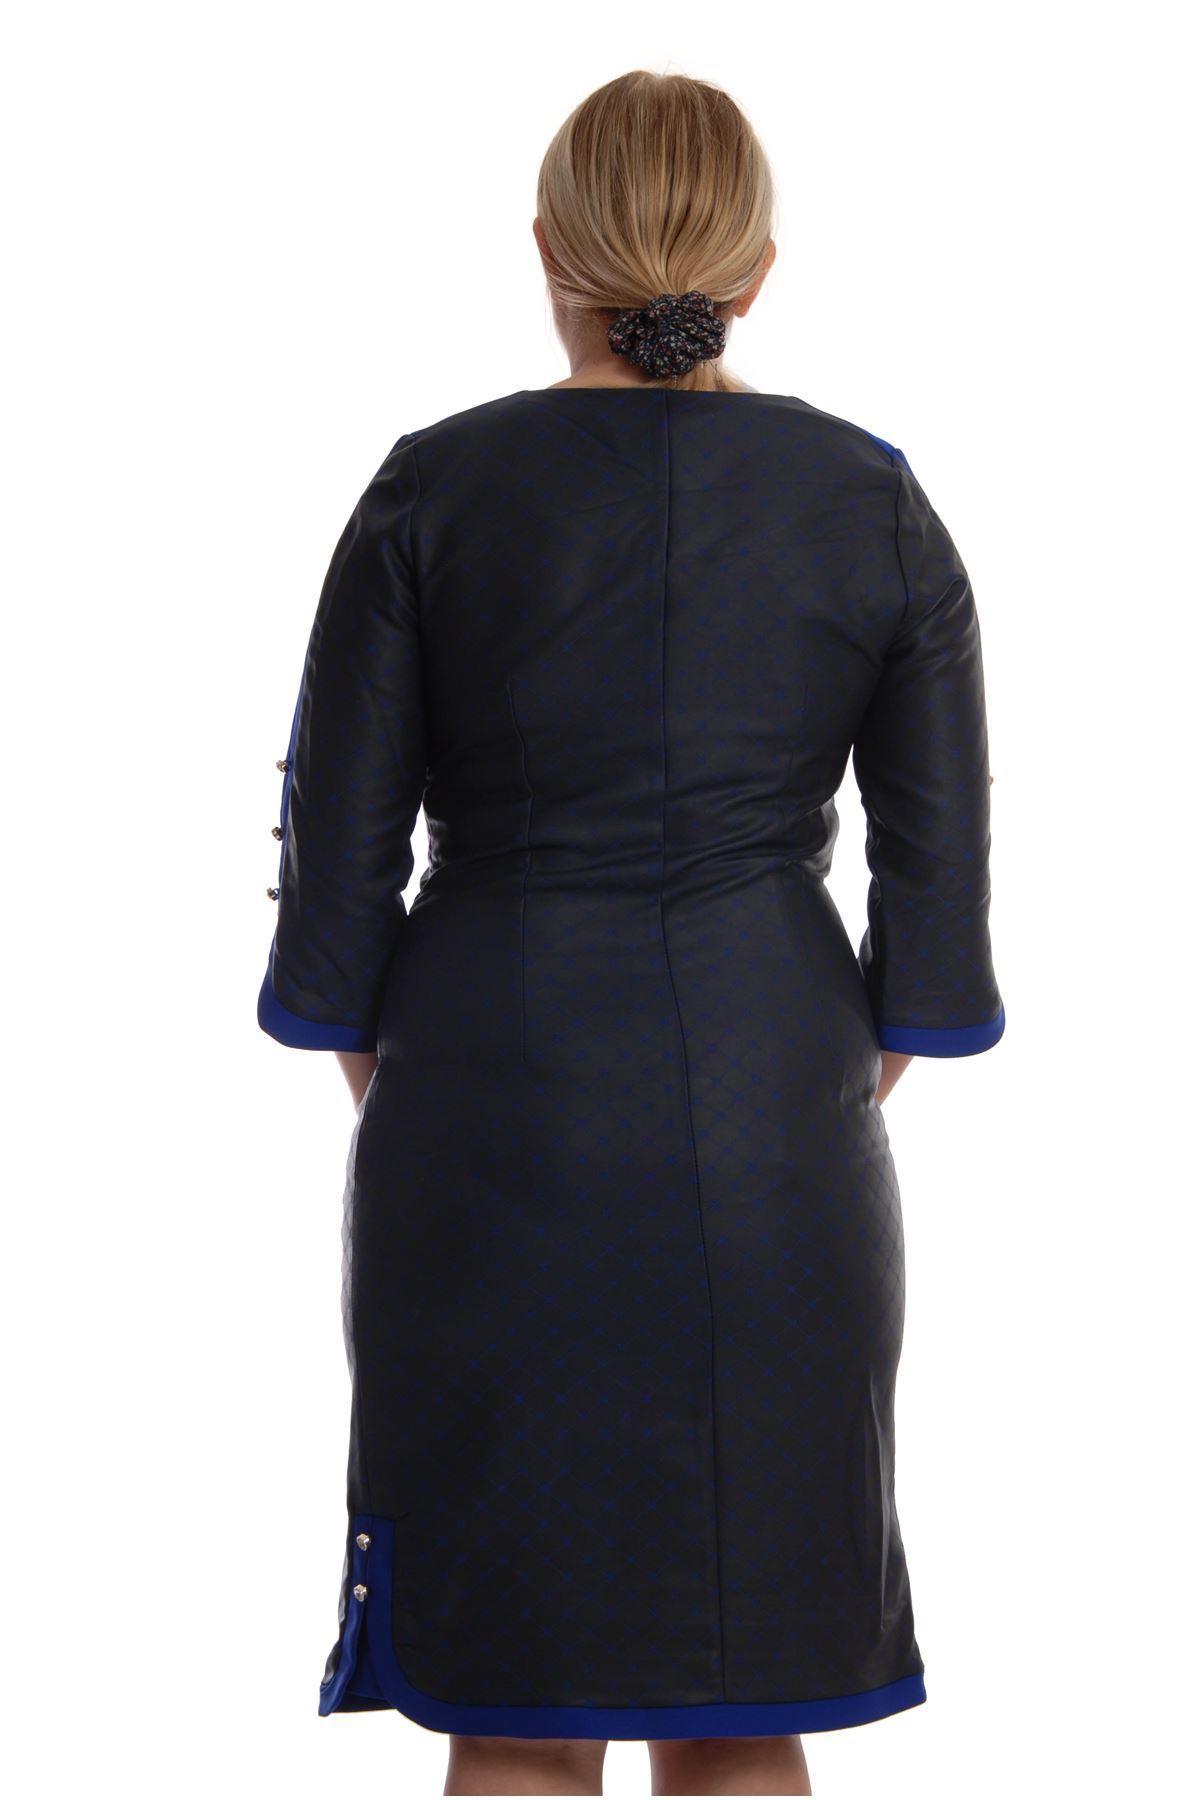 Koyu Desenli Elbise H1-68549